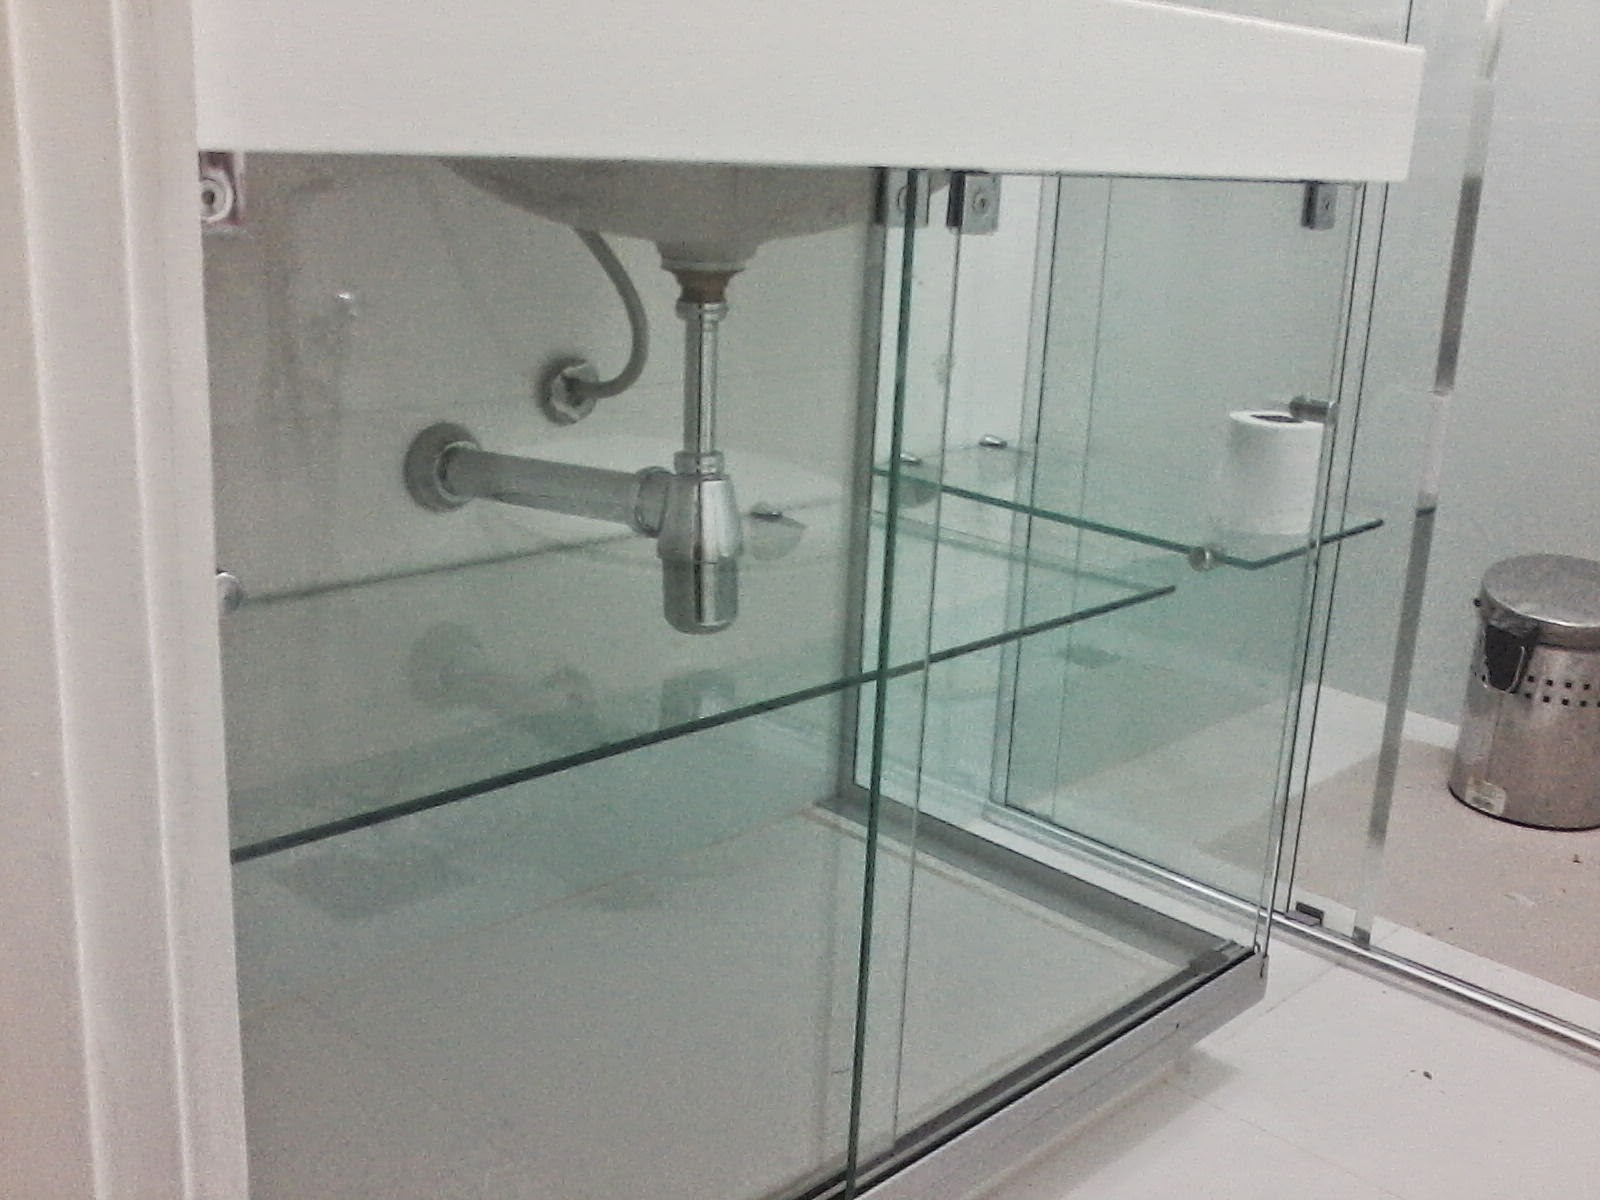 de pia em vidro temperado Villagge Vidros Vidros Temperados Blindex #4F605B 1600x1200 Banheiro De Blindex